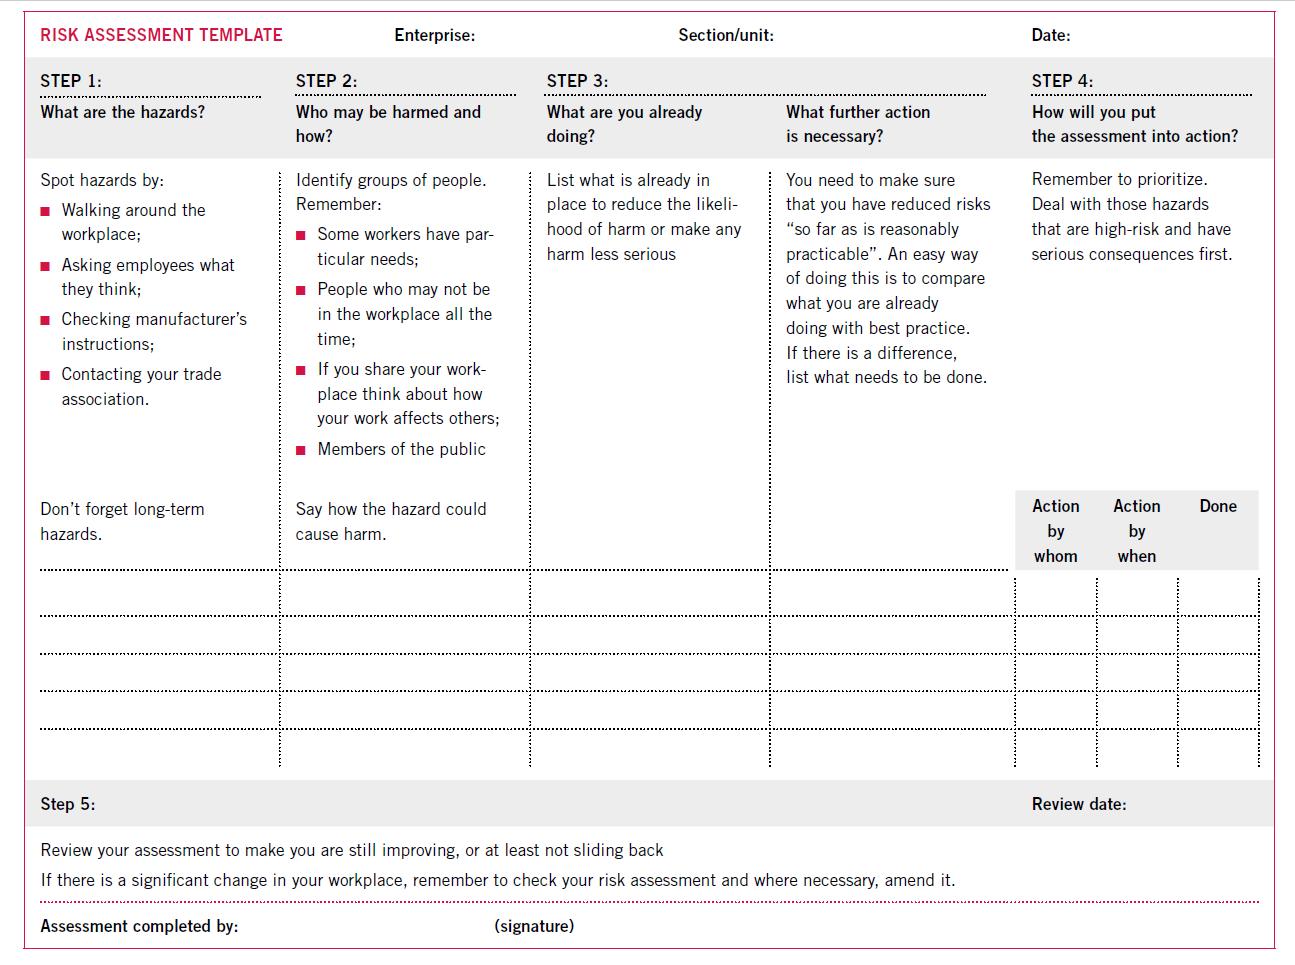 Basic Risk Assessment Templates 1